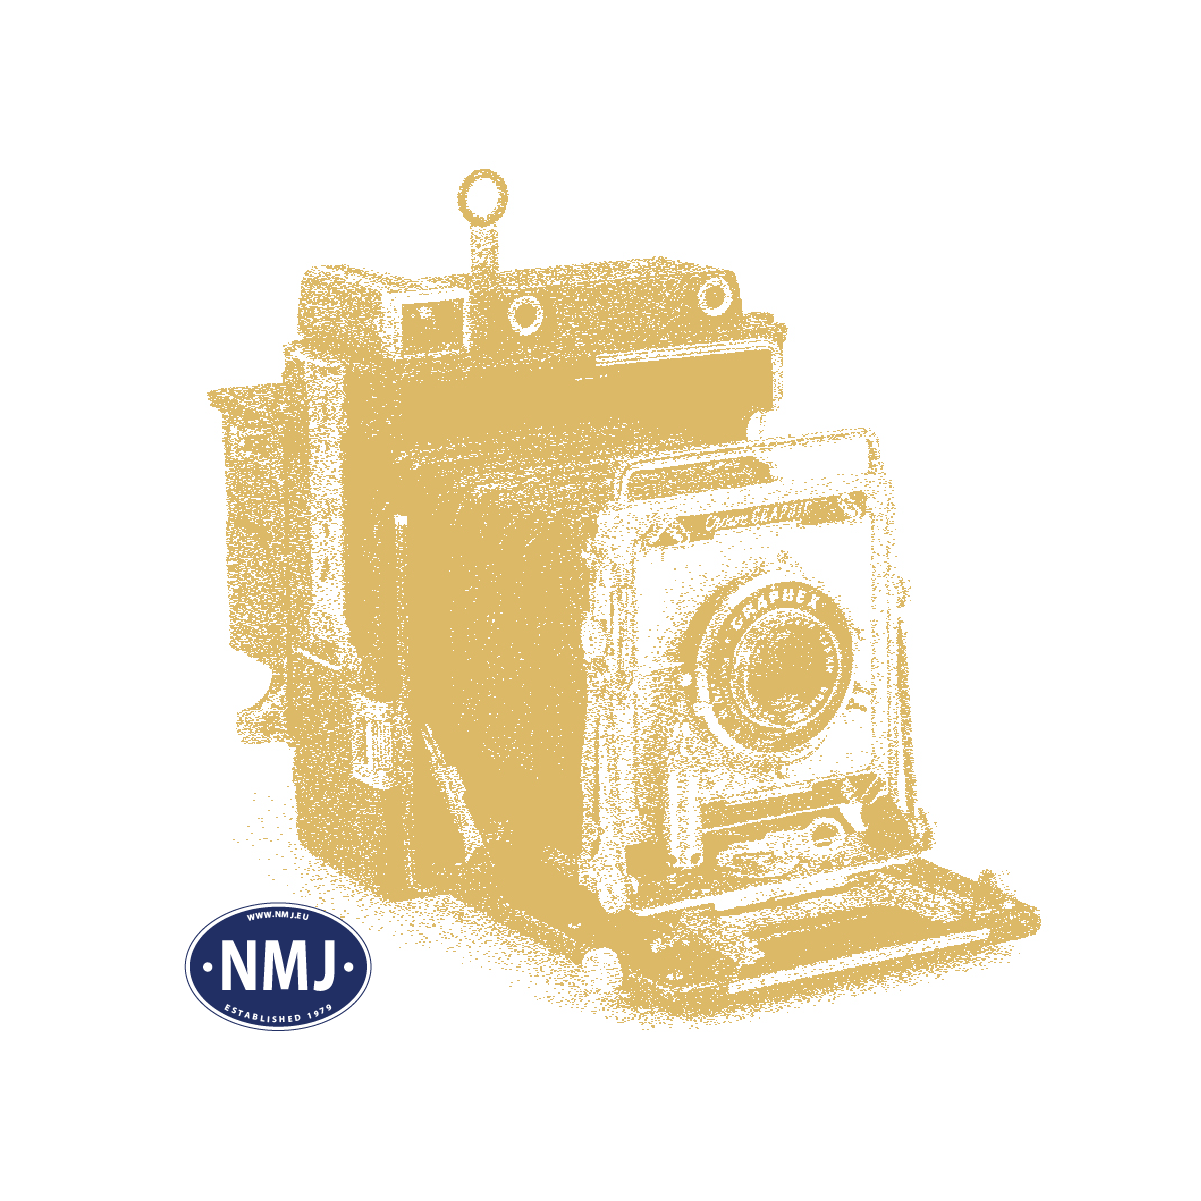 NMJH15121 - NMJ Skyline Norsk Enebolig med underetasje, Hvit, Ferdigmodell